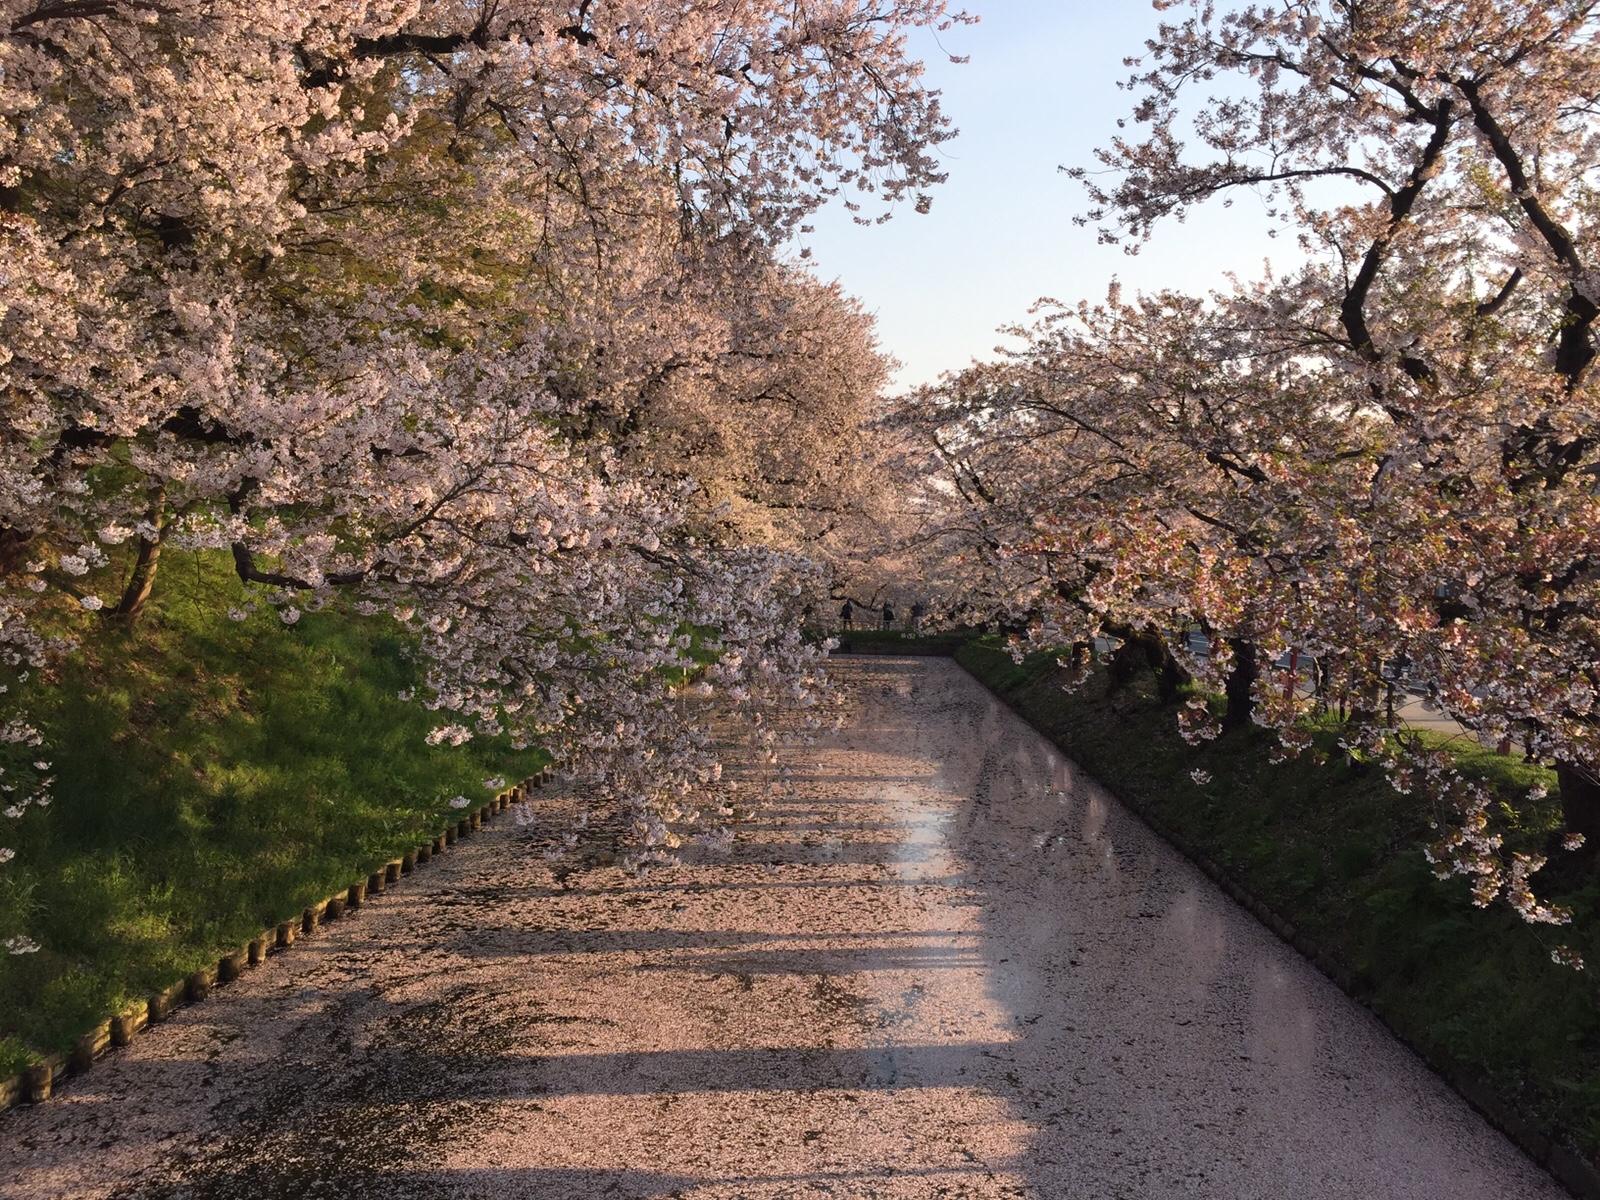 弘前さくらまつり 花筏に津軽富士…桜色の絶景に出会う旅へ